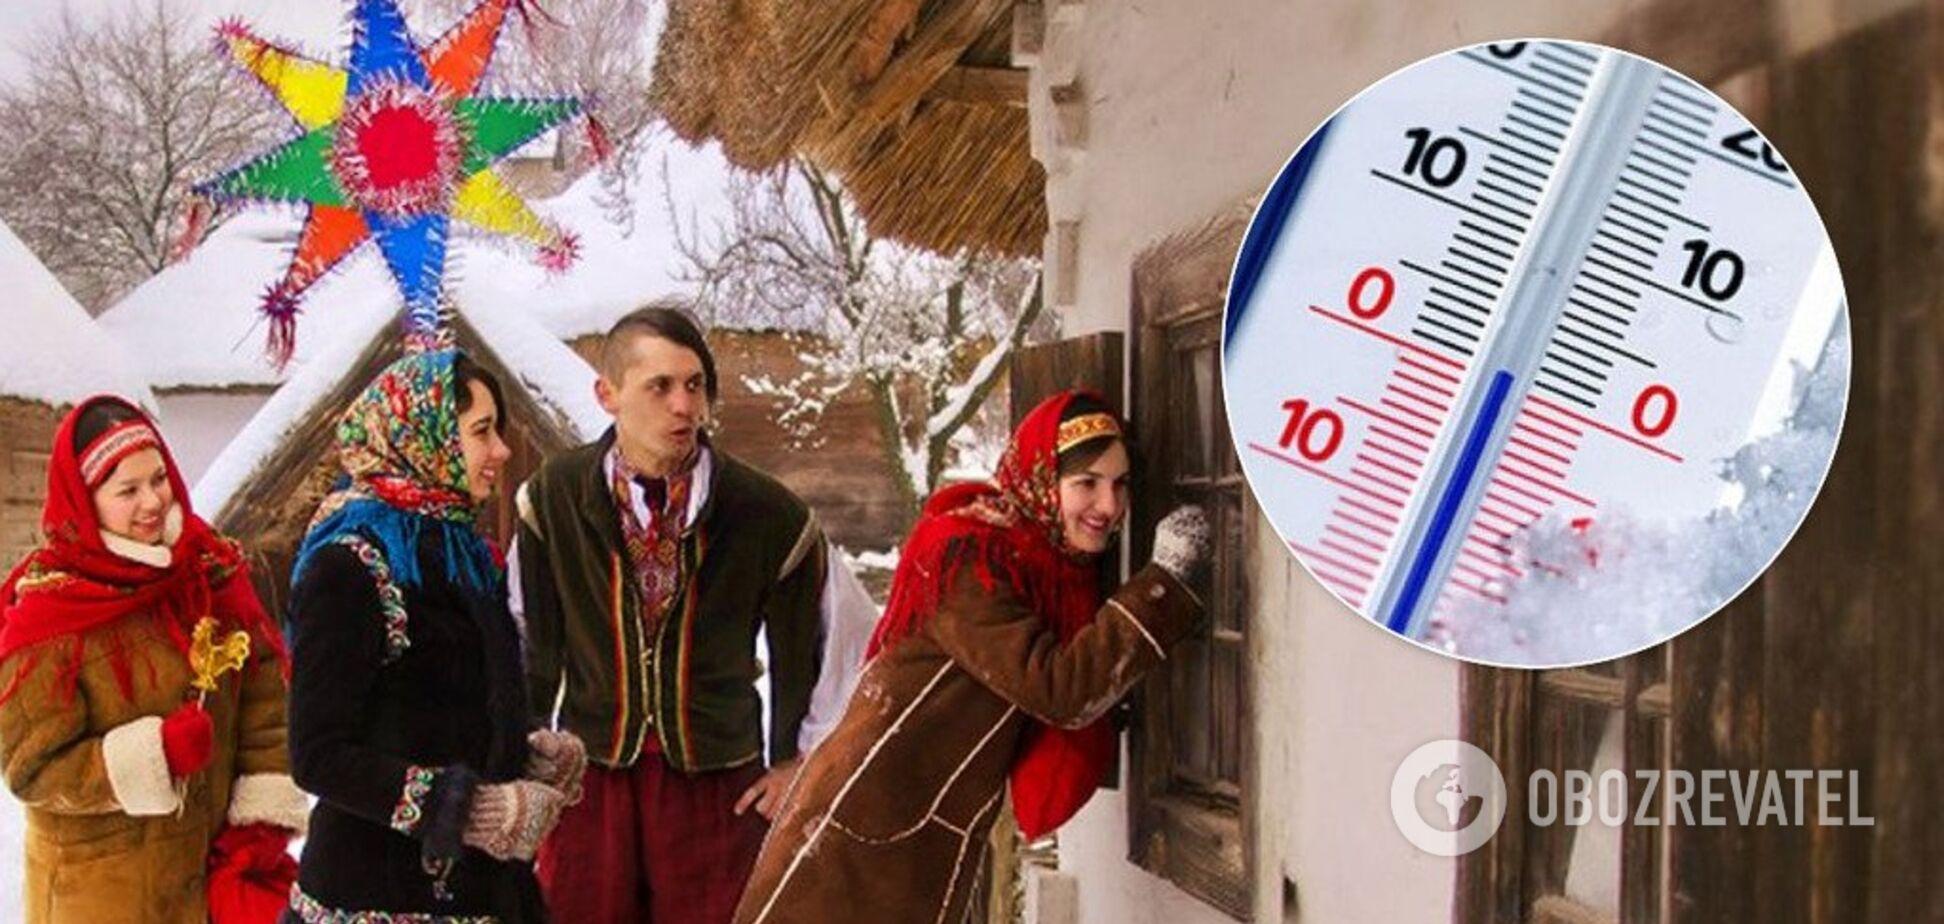 Погода на Рождество в Украине: синоптики резко изменили прогноз